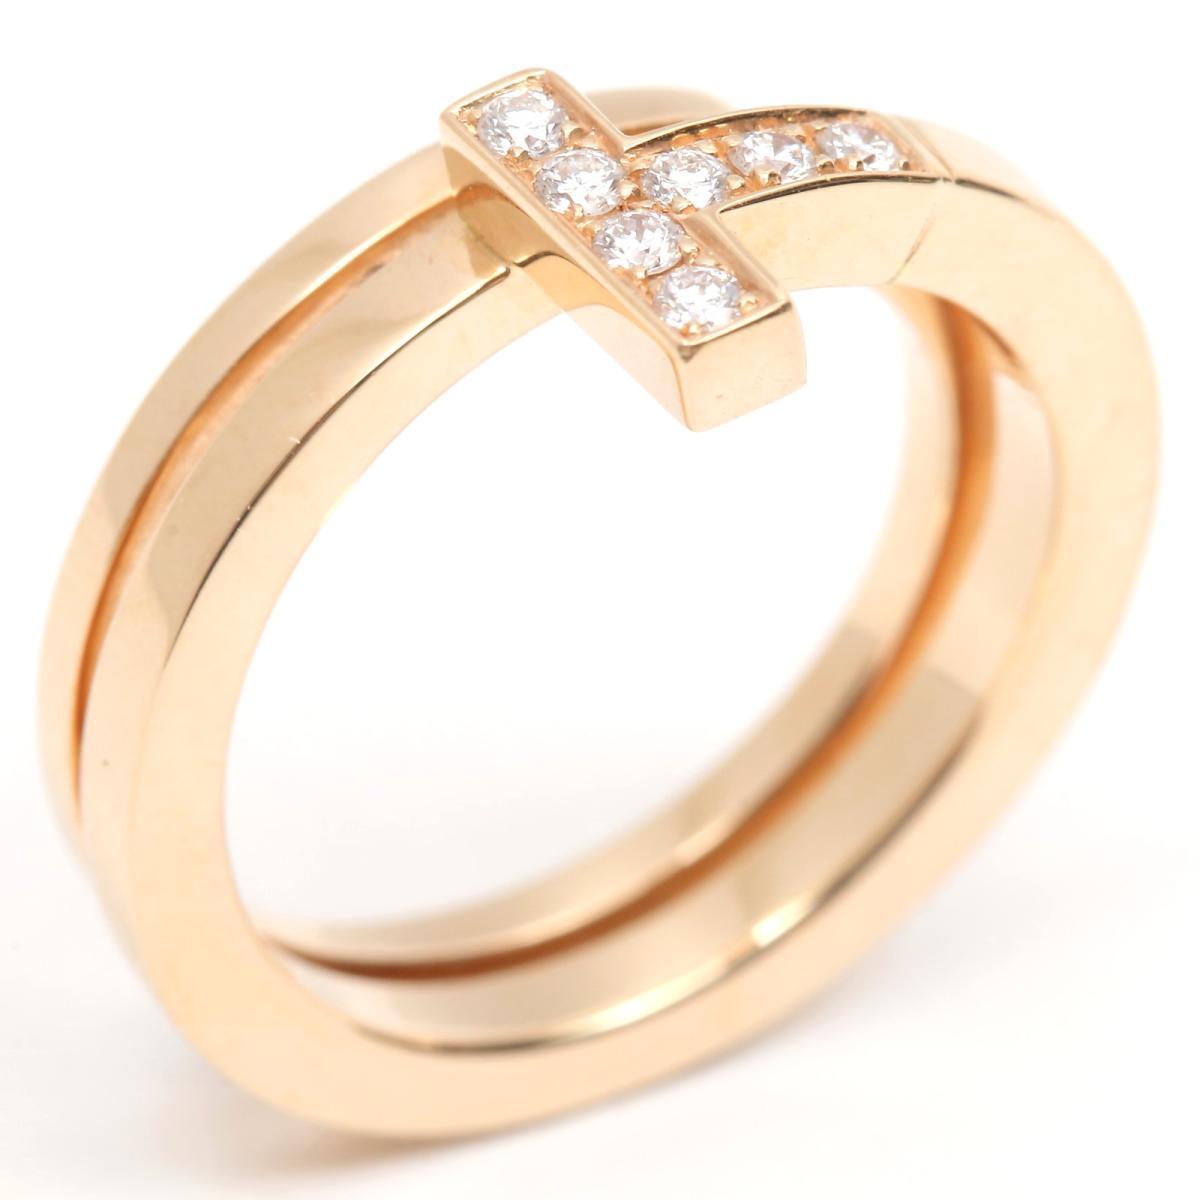 【中古】 ティファニー Tスクエア ラップリング 7Pダイヤモンド 指輪 レディース K18PG (750) ピンクゴールド x ダイヤモンド | TIFFANY&CO BRANDOFF ブランドオフ ブランド ジュエリー アクセサリー リング